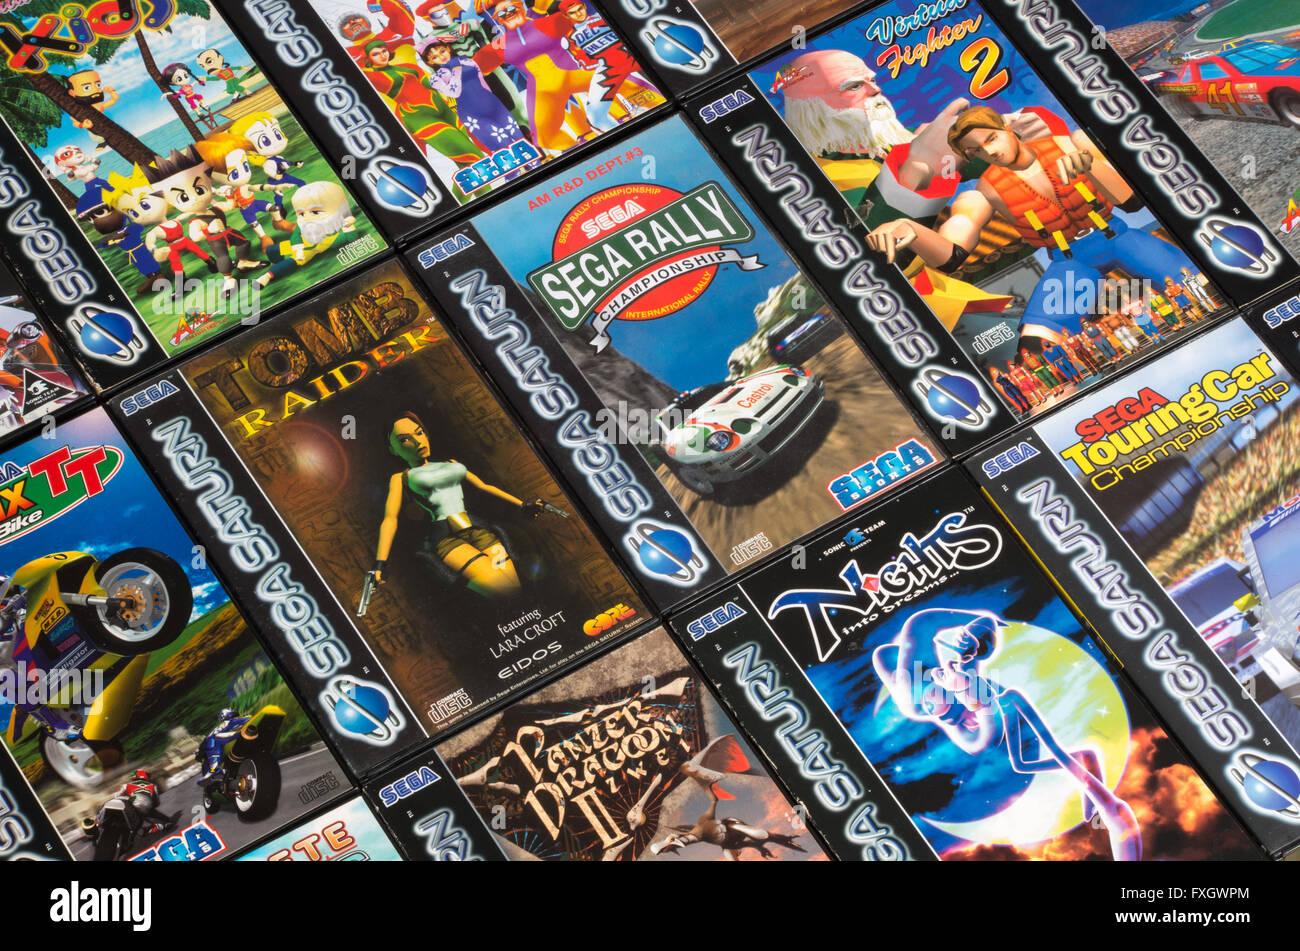 PAL Sega Saturn games laid out...